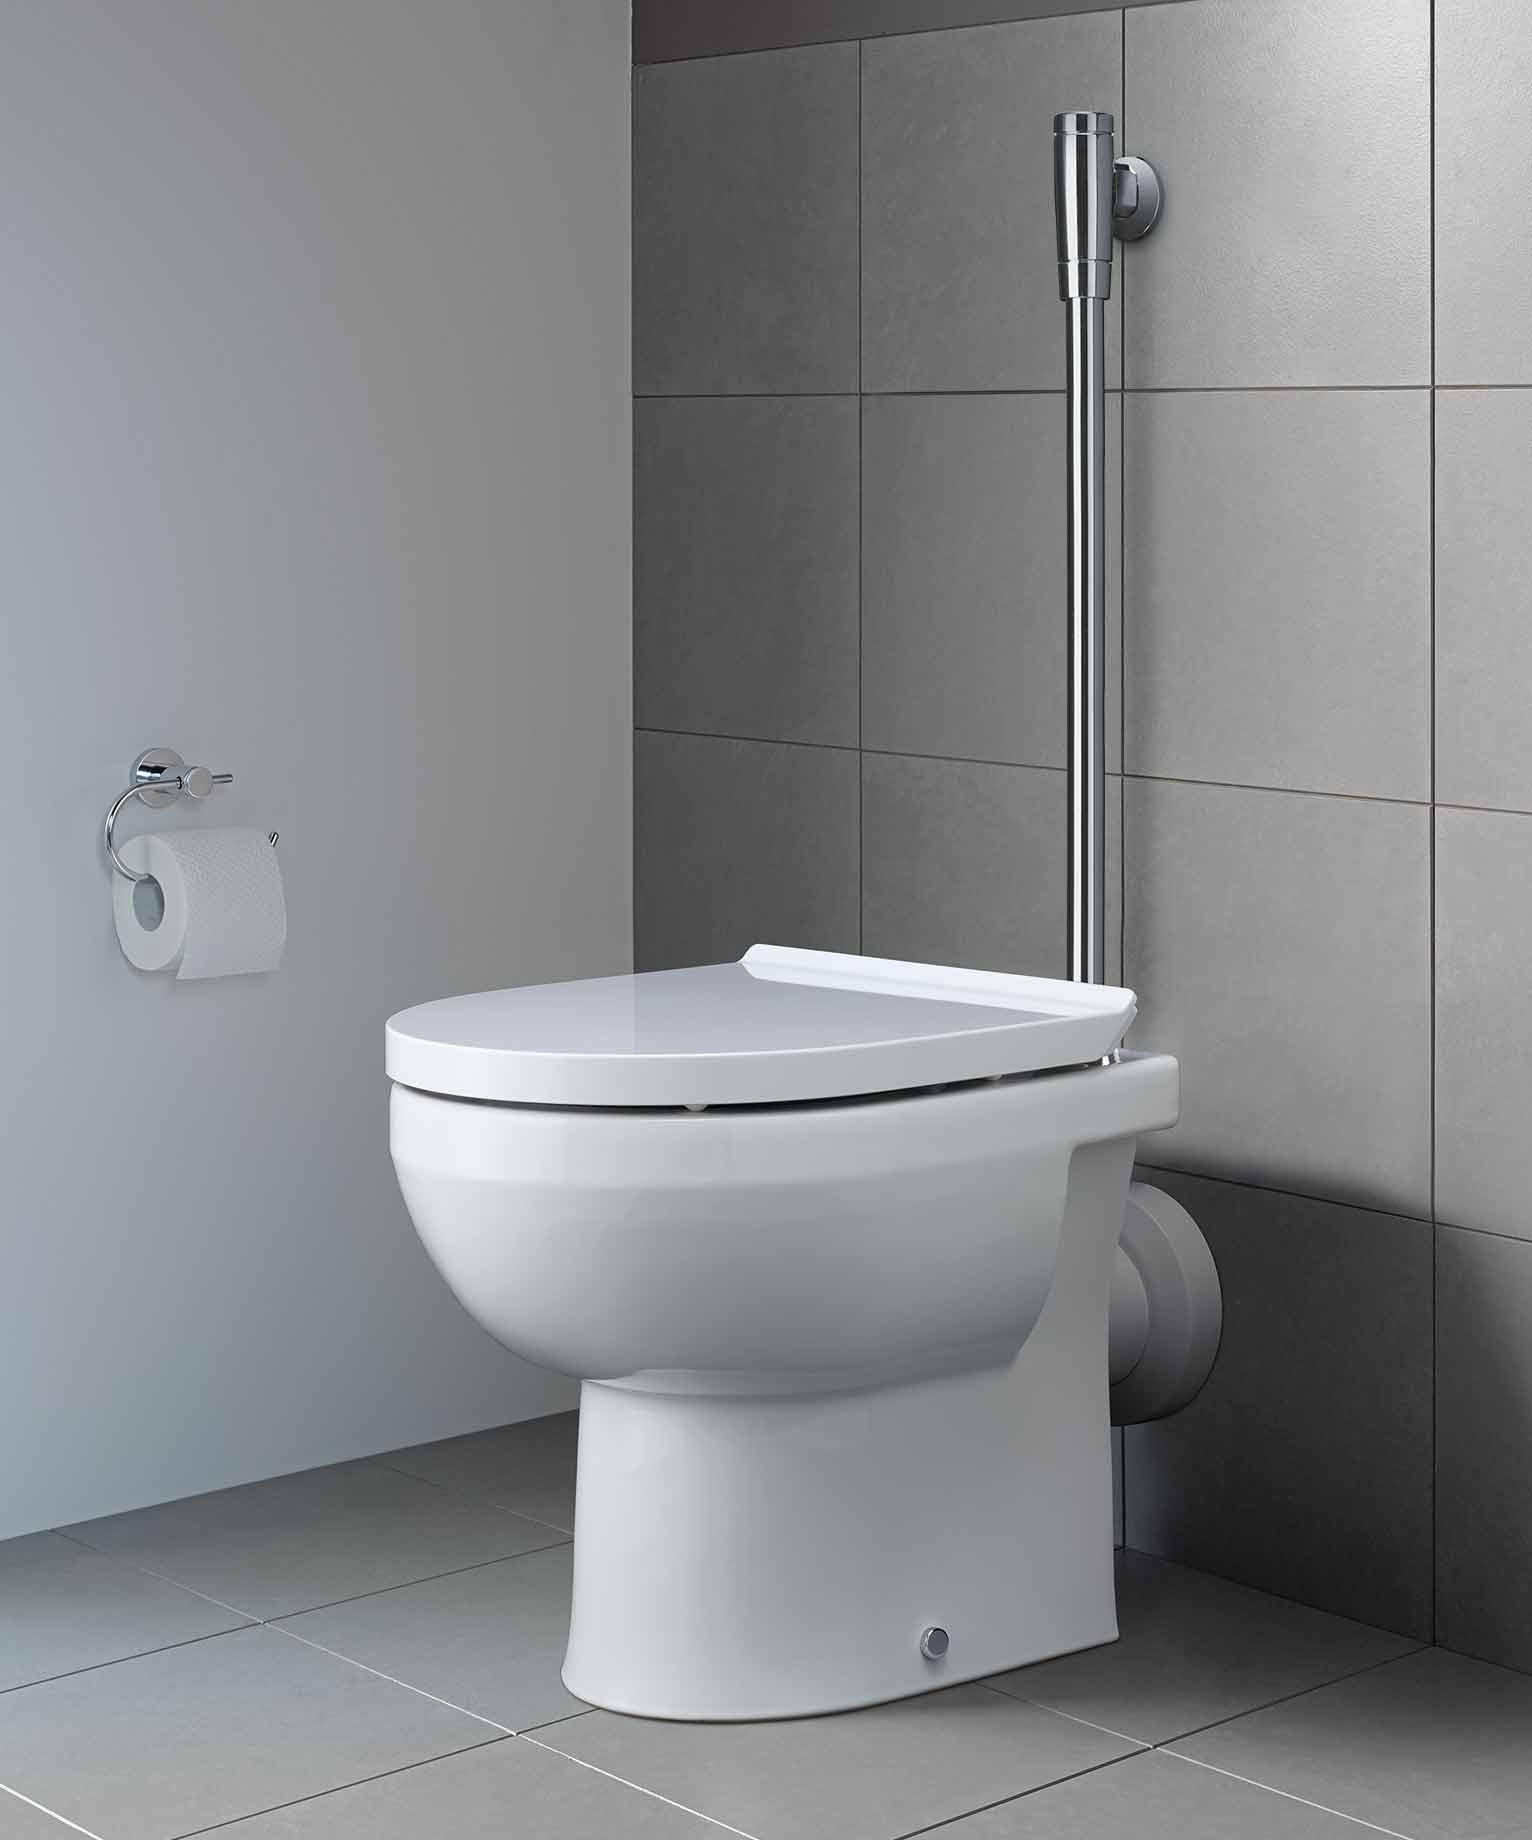 Extrem Drei bodenstehende Renovierungs-WCs ohne Spülrand neu von Duravit XL47